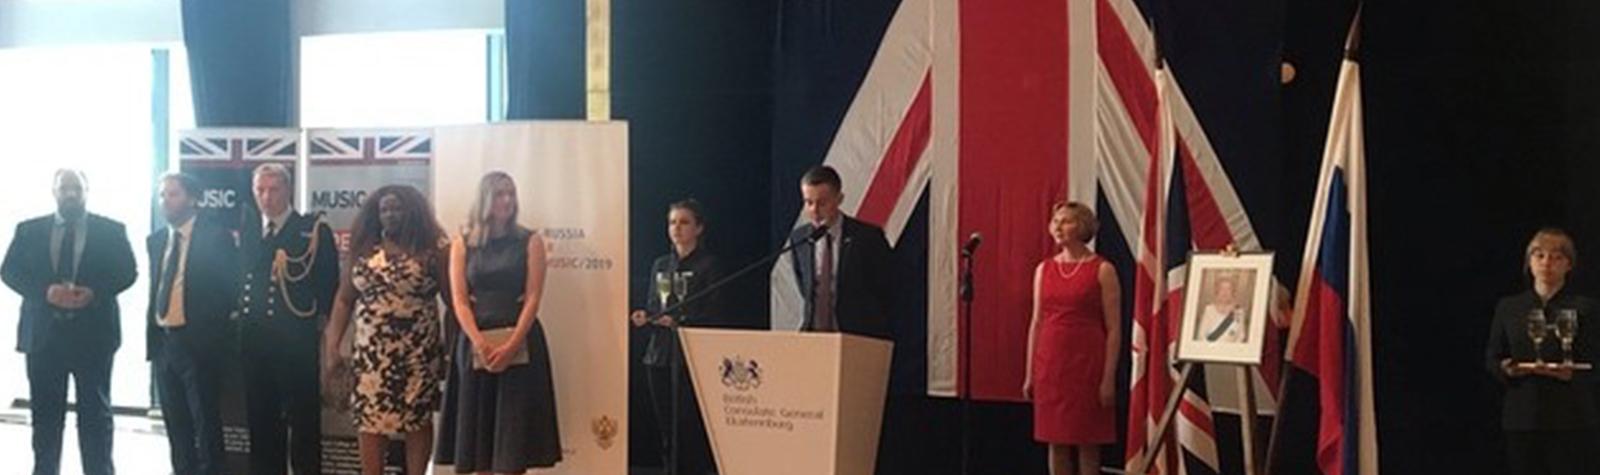 Британский резидент в Екатеринбурге Ричард Дьюэлл собрал «всех своих» в Хаятте